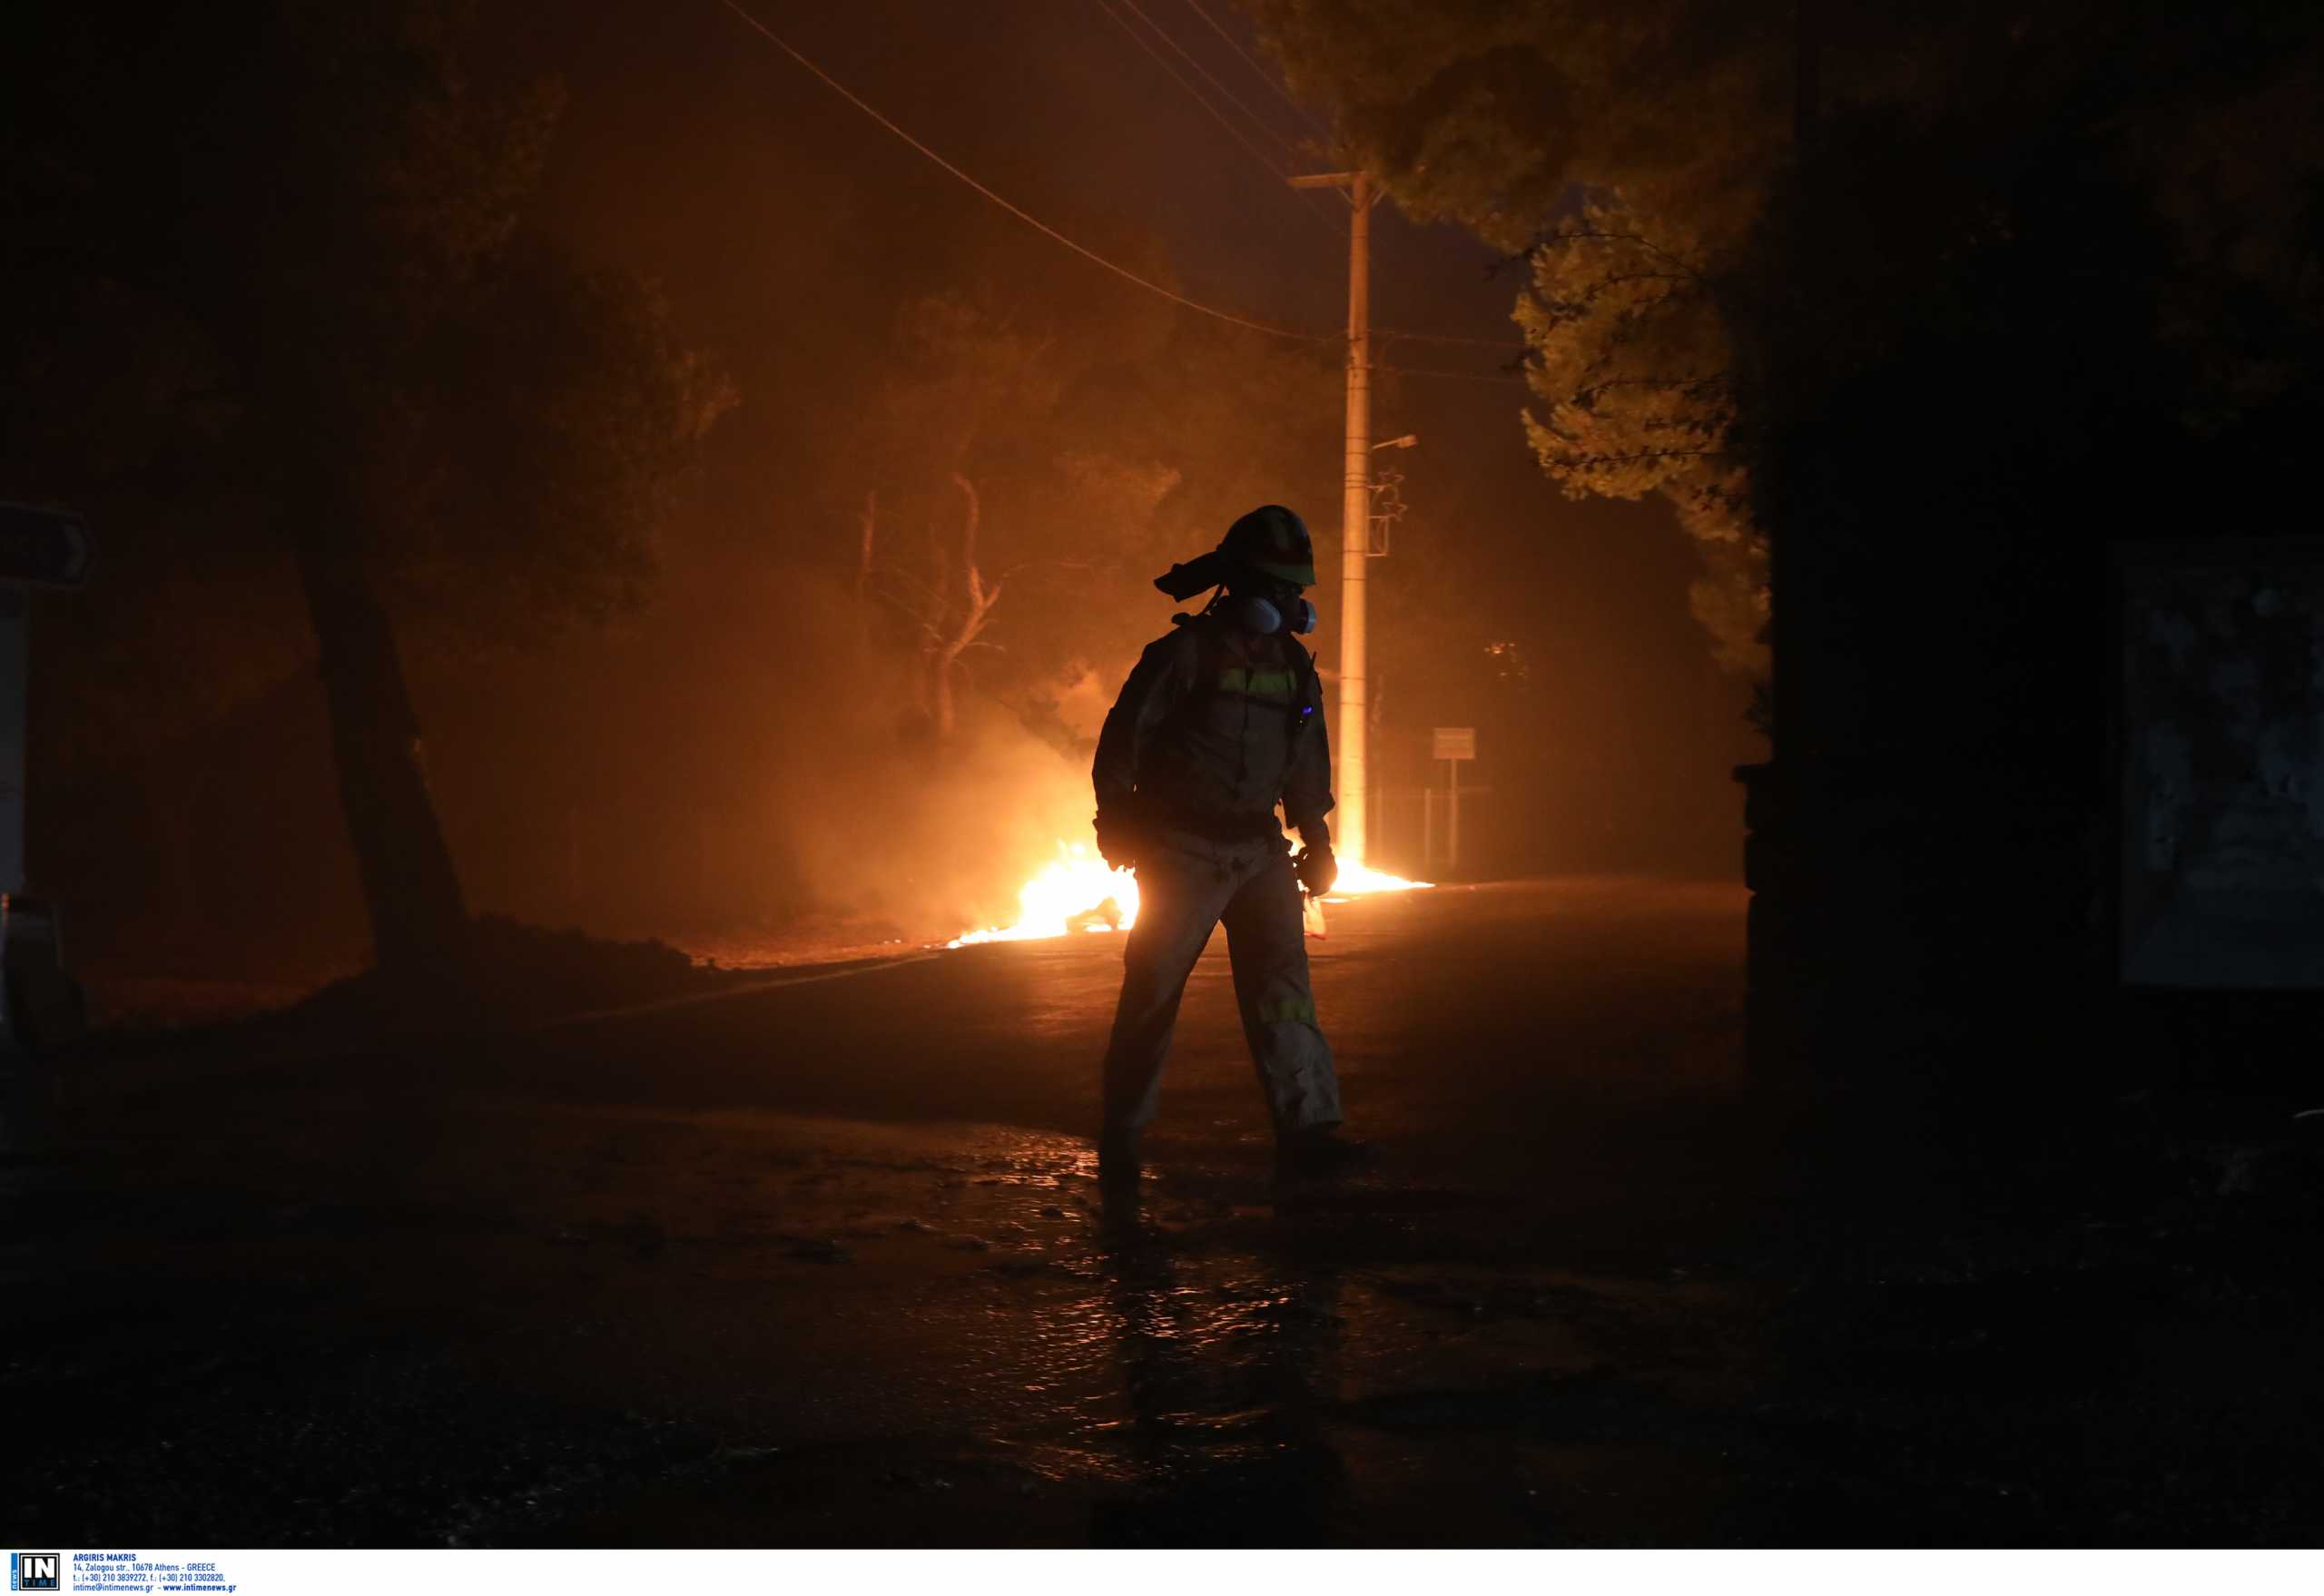 Φωτιά στην Βαρυμπόμπη: Ολονύχτια μάχη με τις φλόγες – Εκκενώνεται μέρος του Κρυονερίου